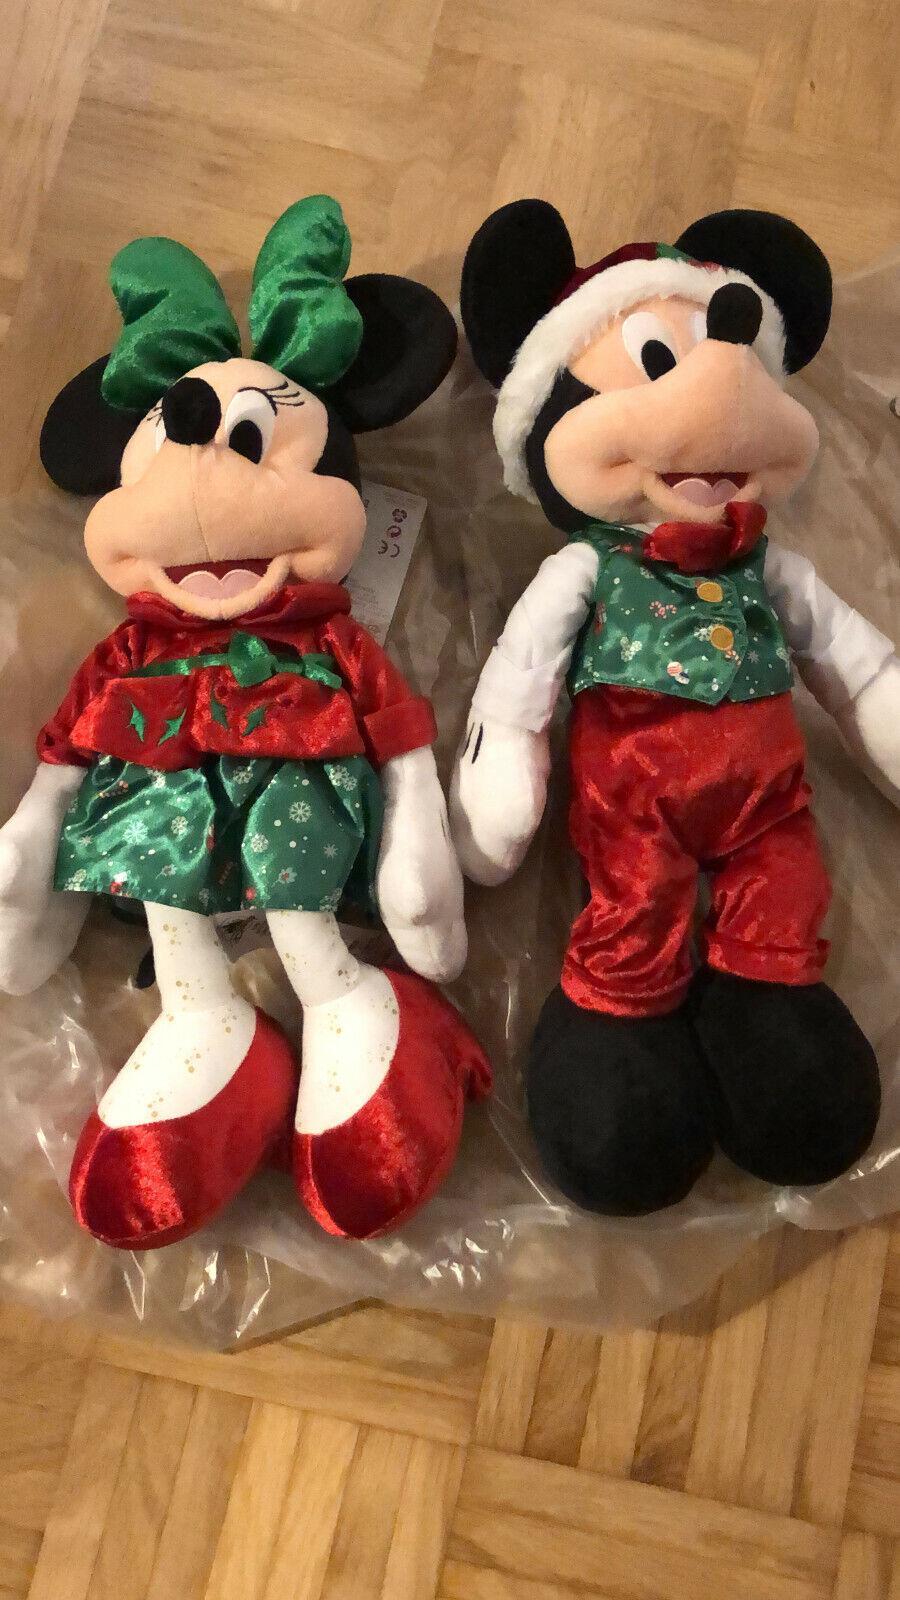 Original Disney Stoffpuppen Mickey und Minnie Weihnachtsedition